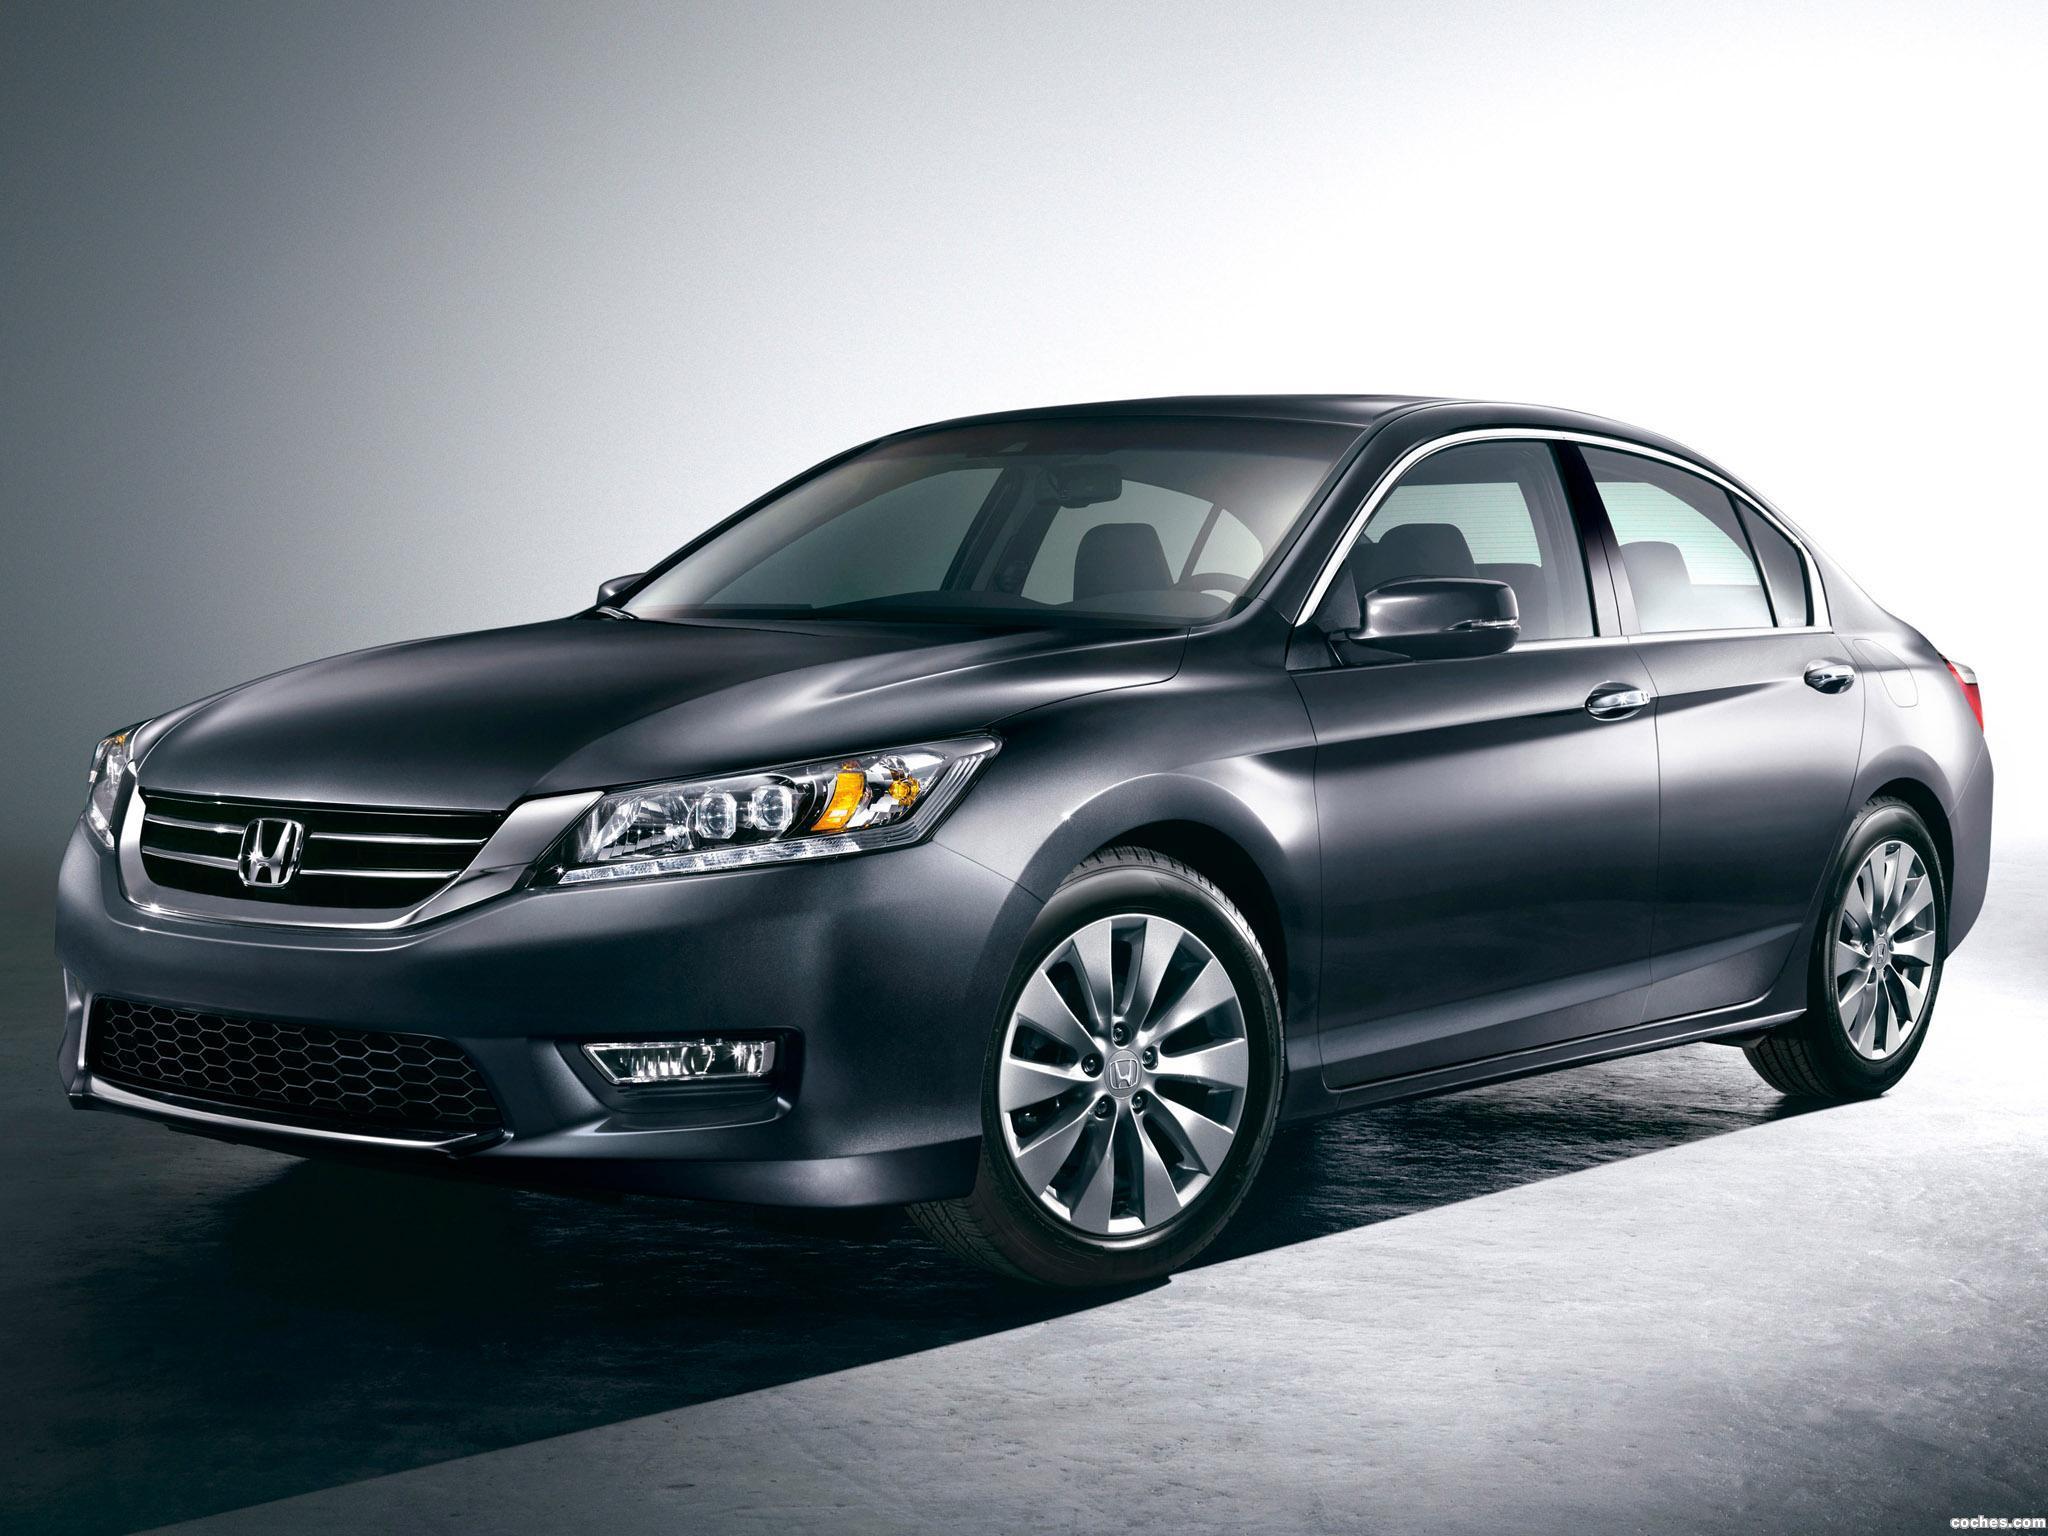 Foto 0 de Honda Accord Sedan USA 2013